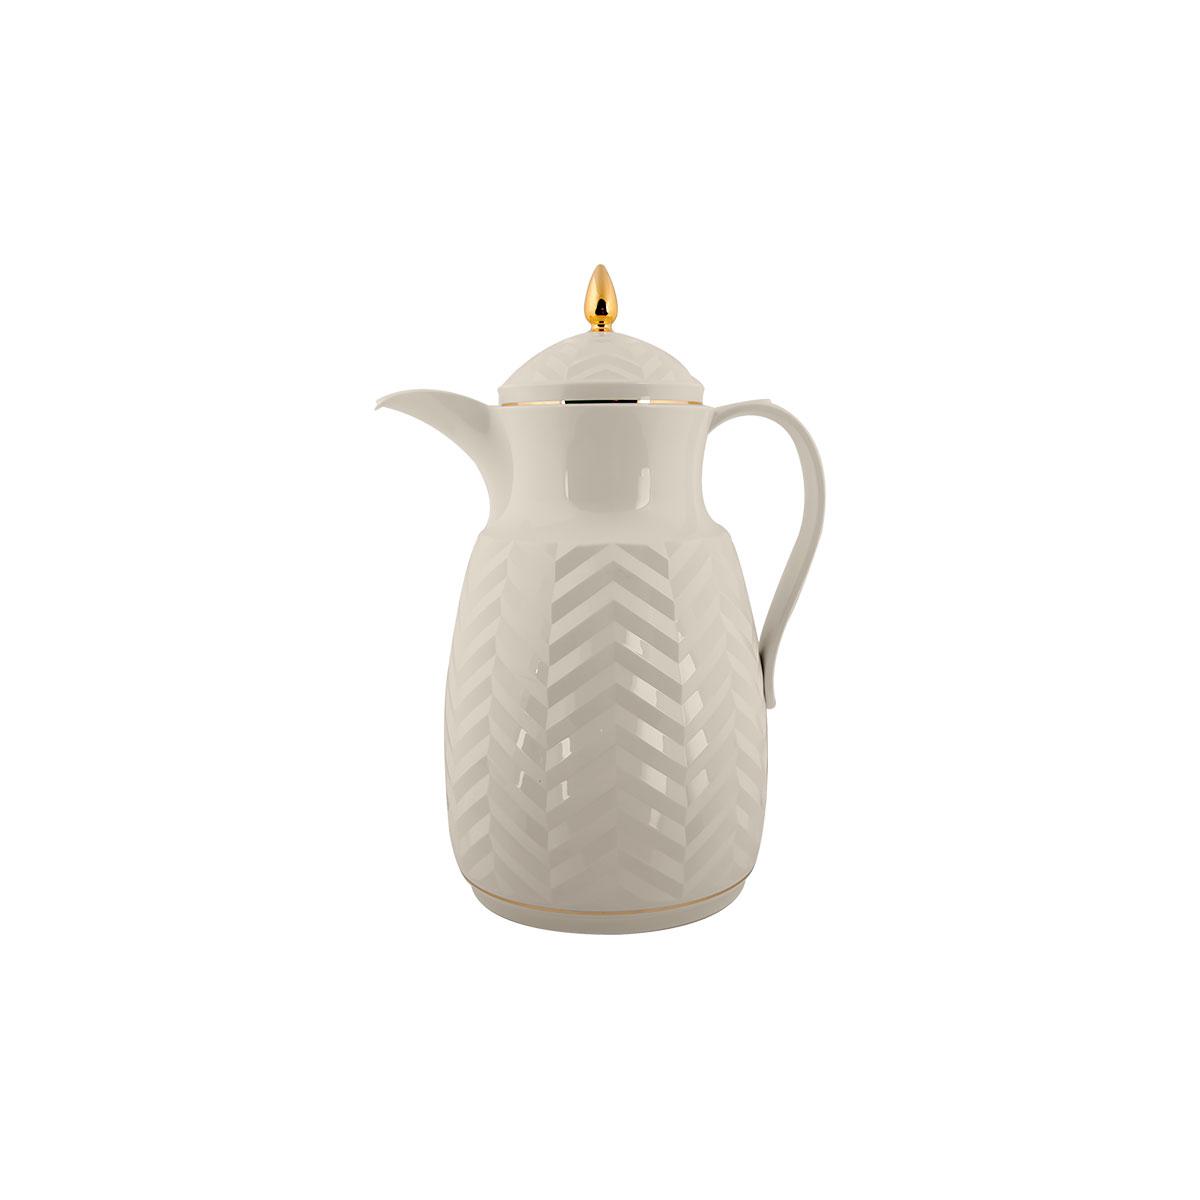 ترمس شاي وقهوة , روز , مقاس  0.65 لتر موديل 52475